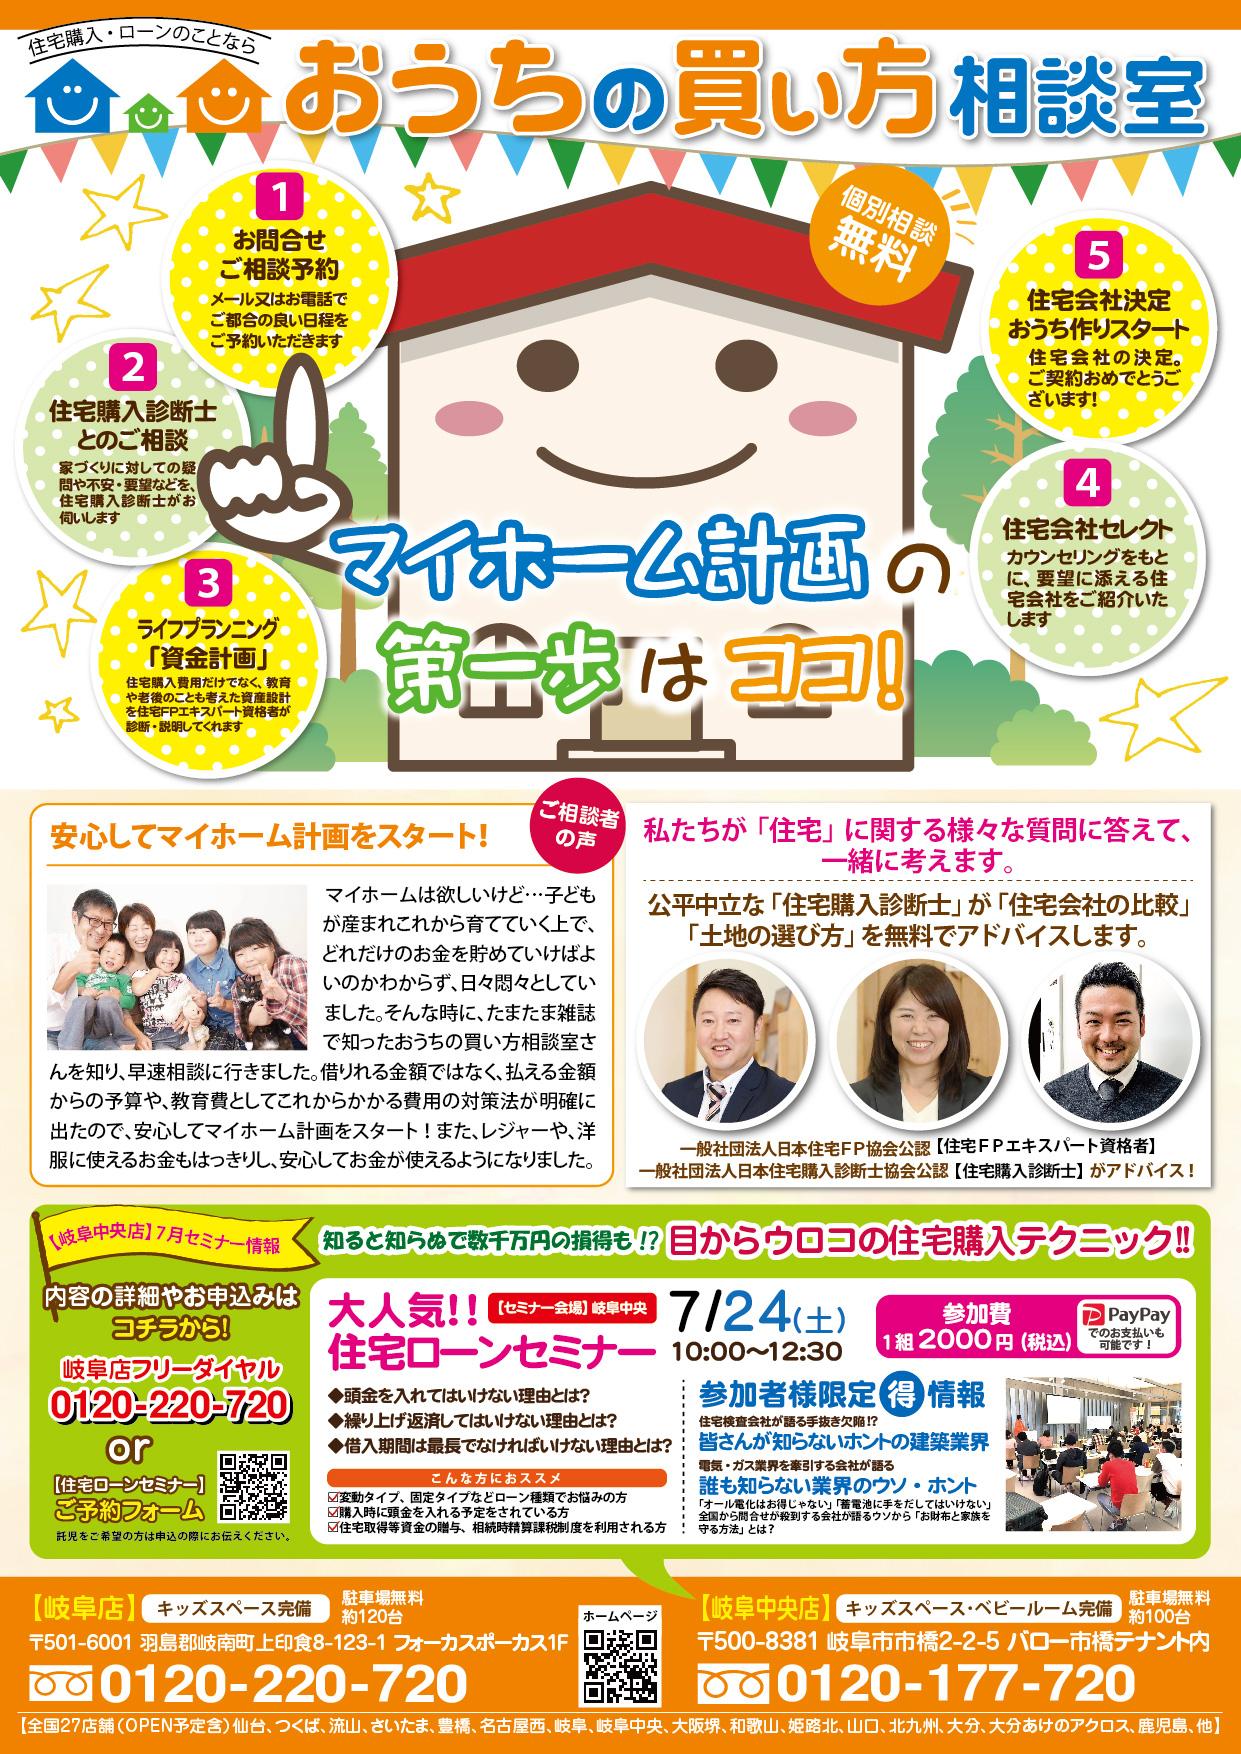 【終了】7月24日(土)🏠住宅ローンセミナー